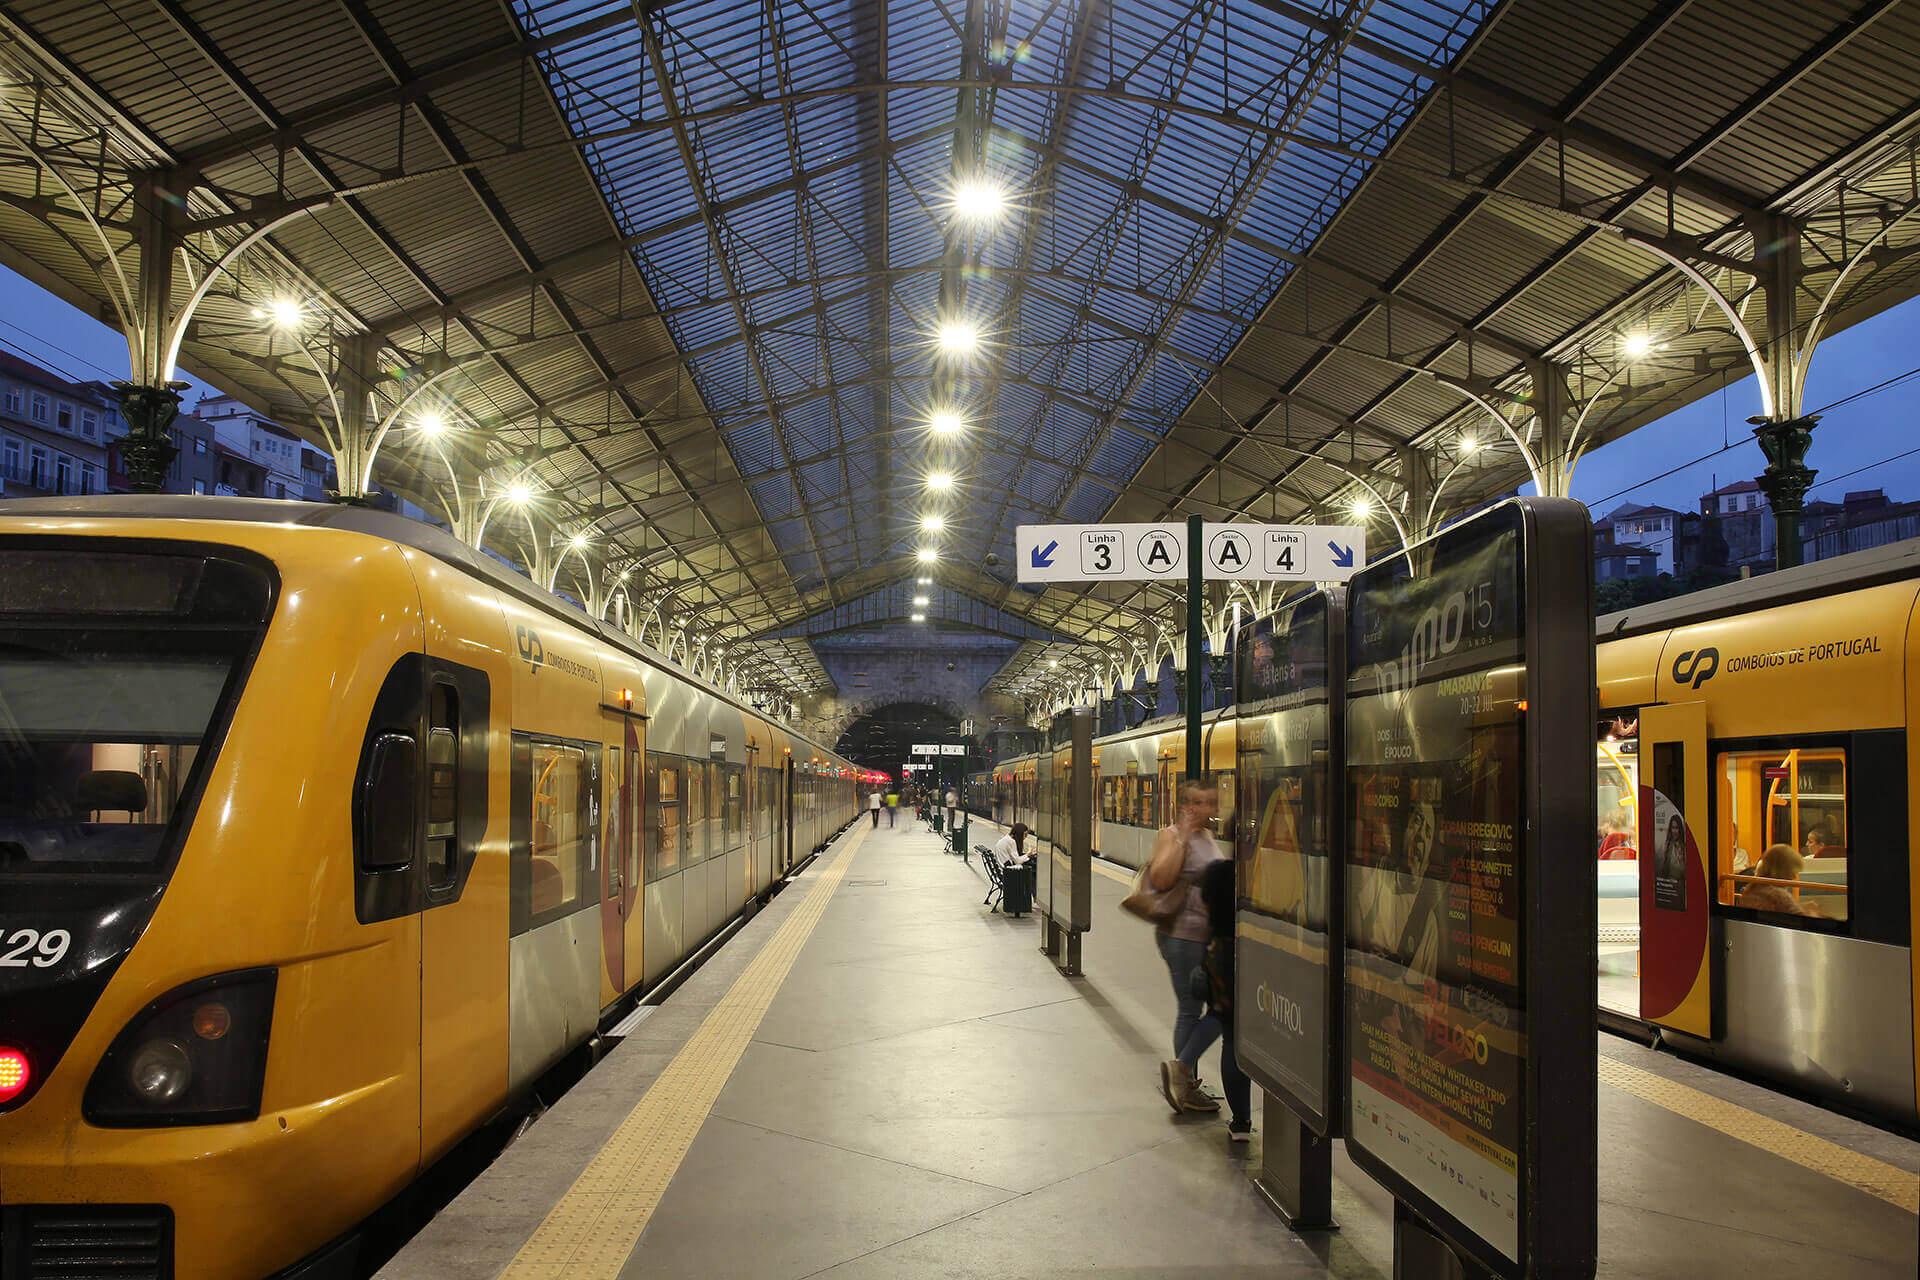 ایستگاه سائو بنتو در پورتو